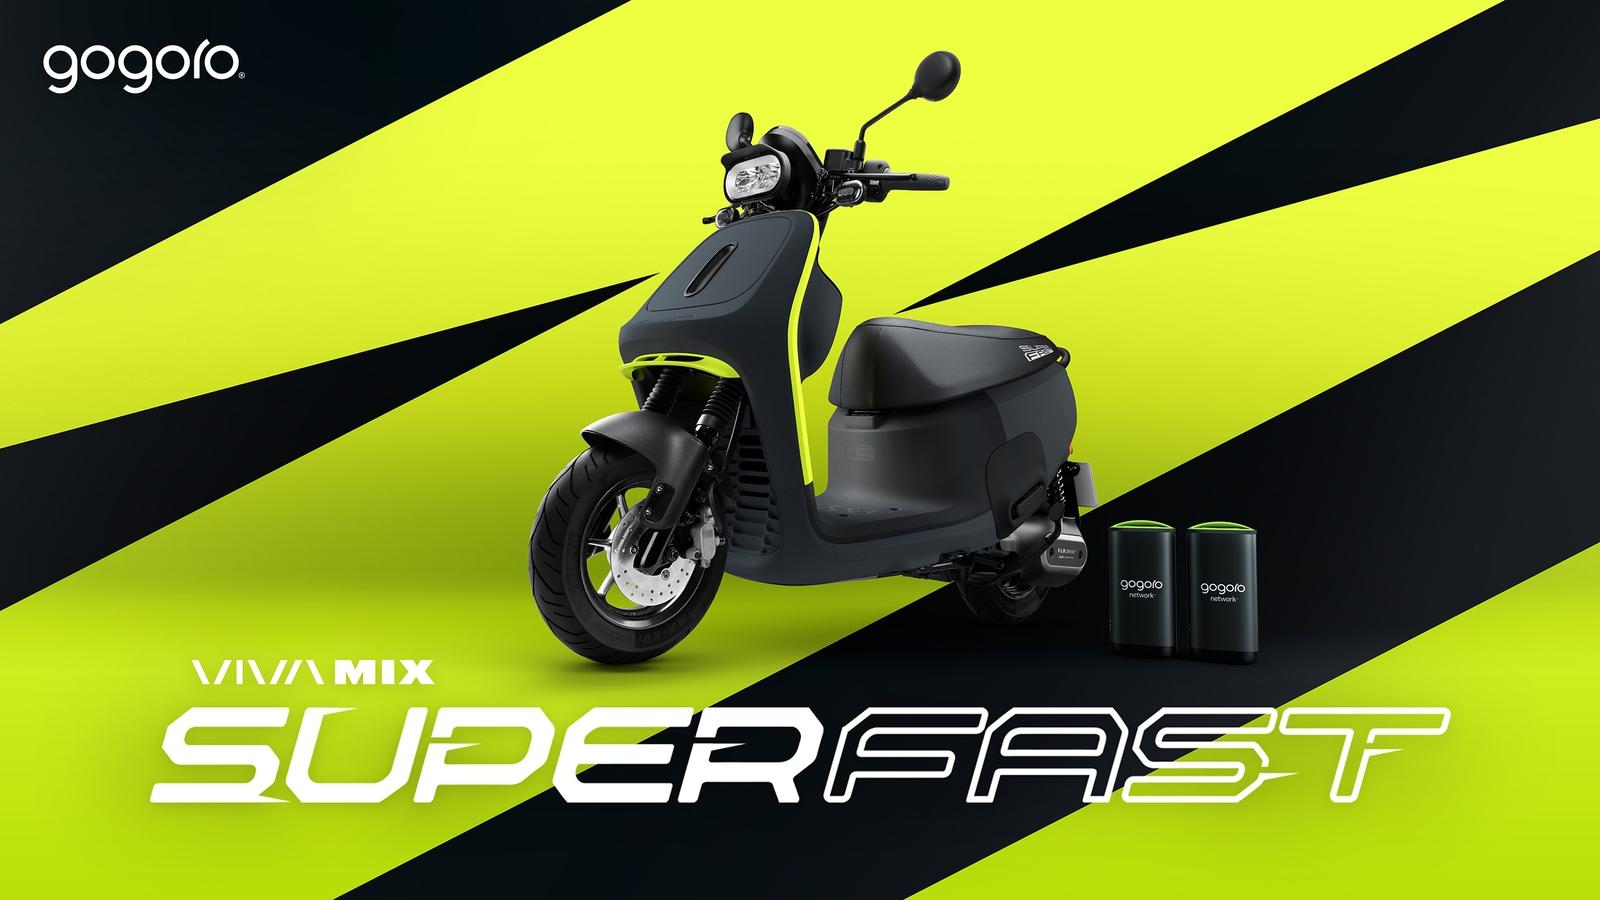 Gogoro Viva Mix Superfast